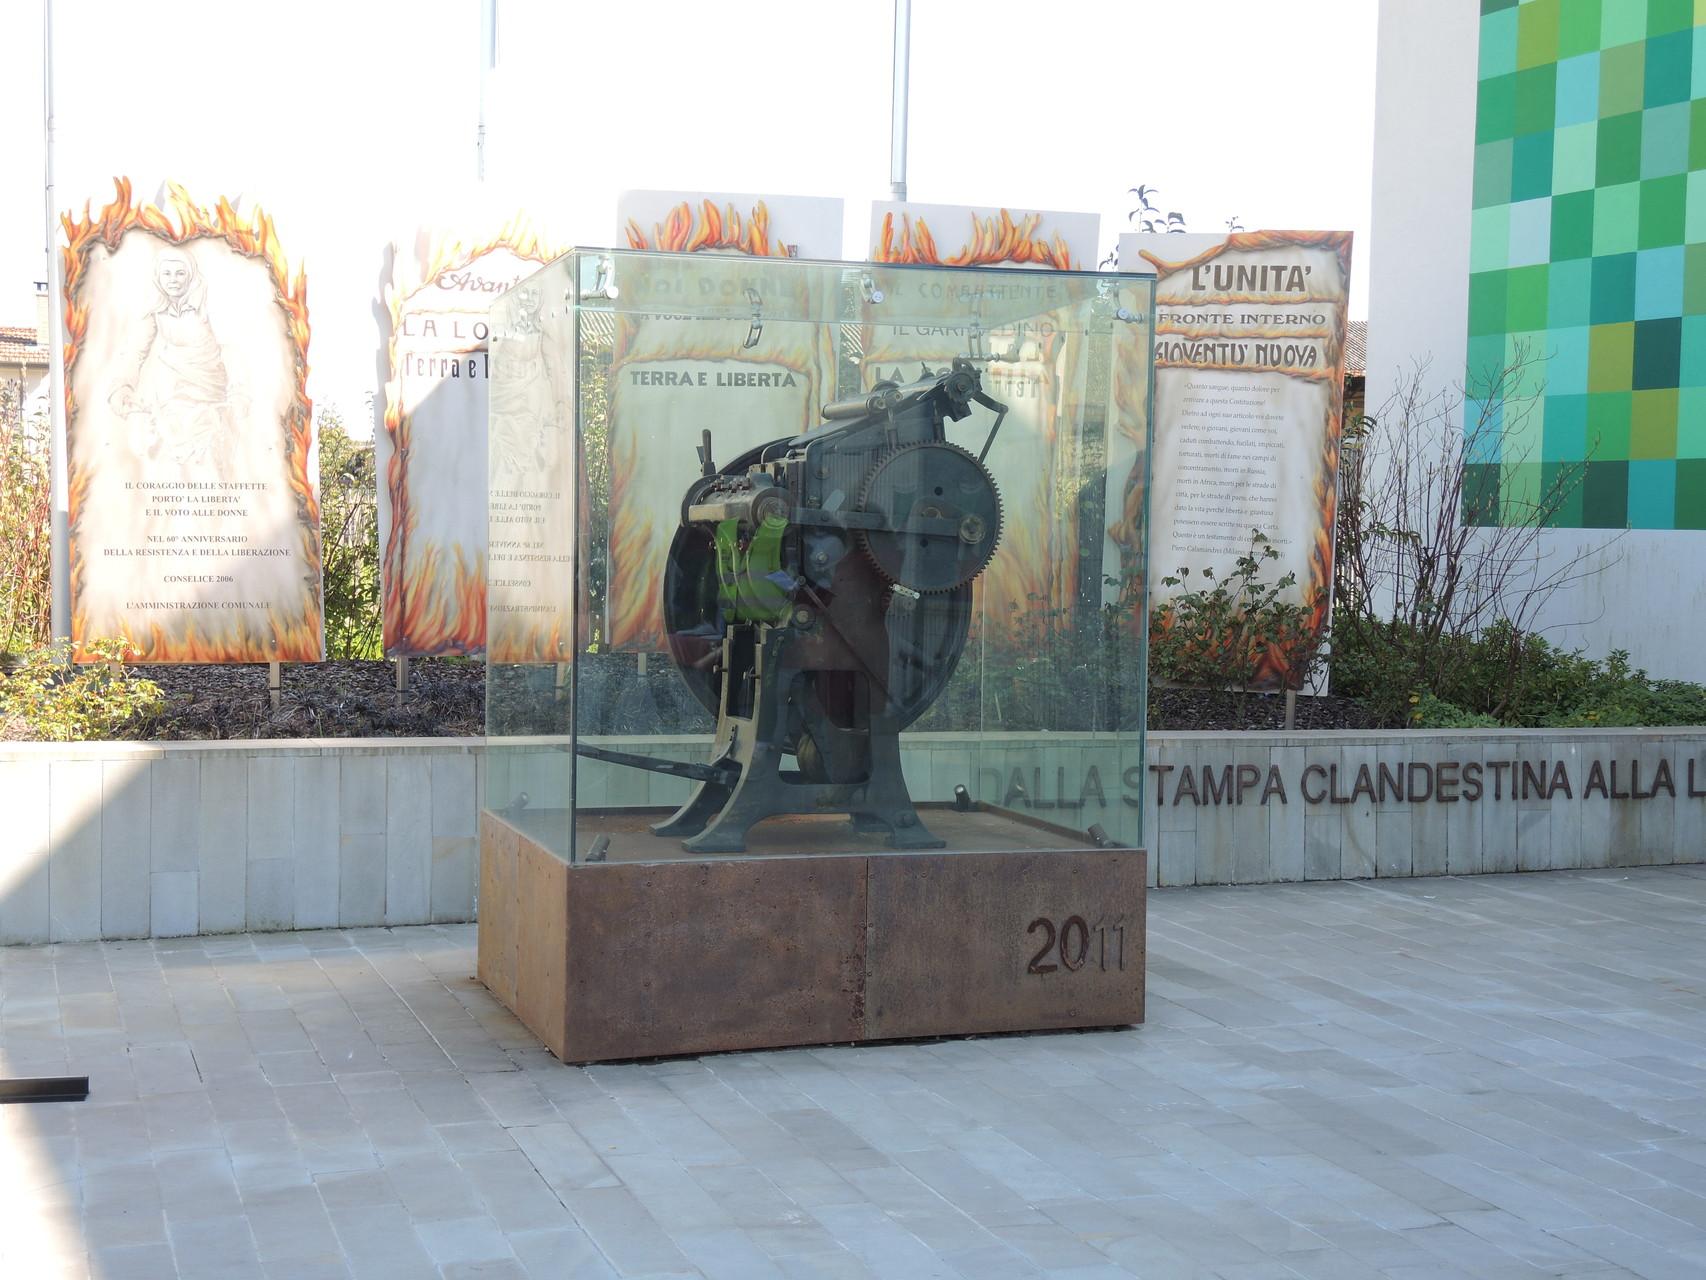 Conselice Monumento alla Stampa Clandestina